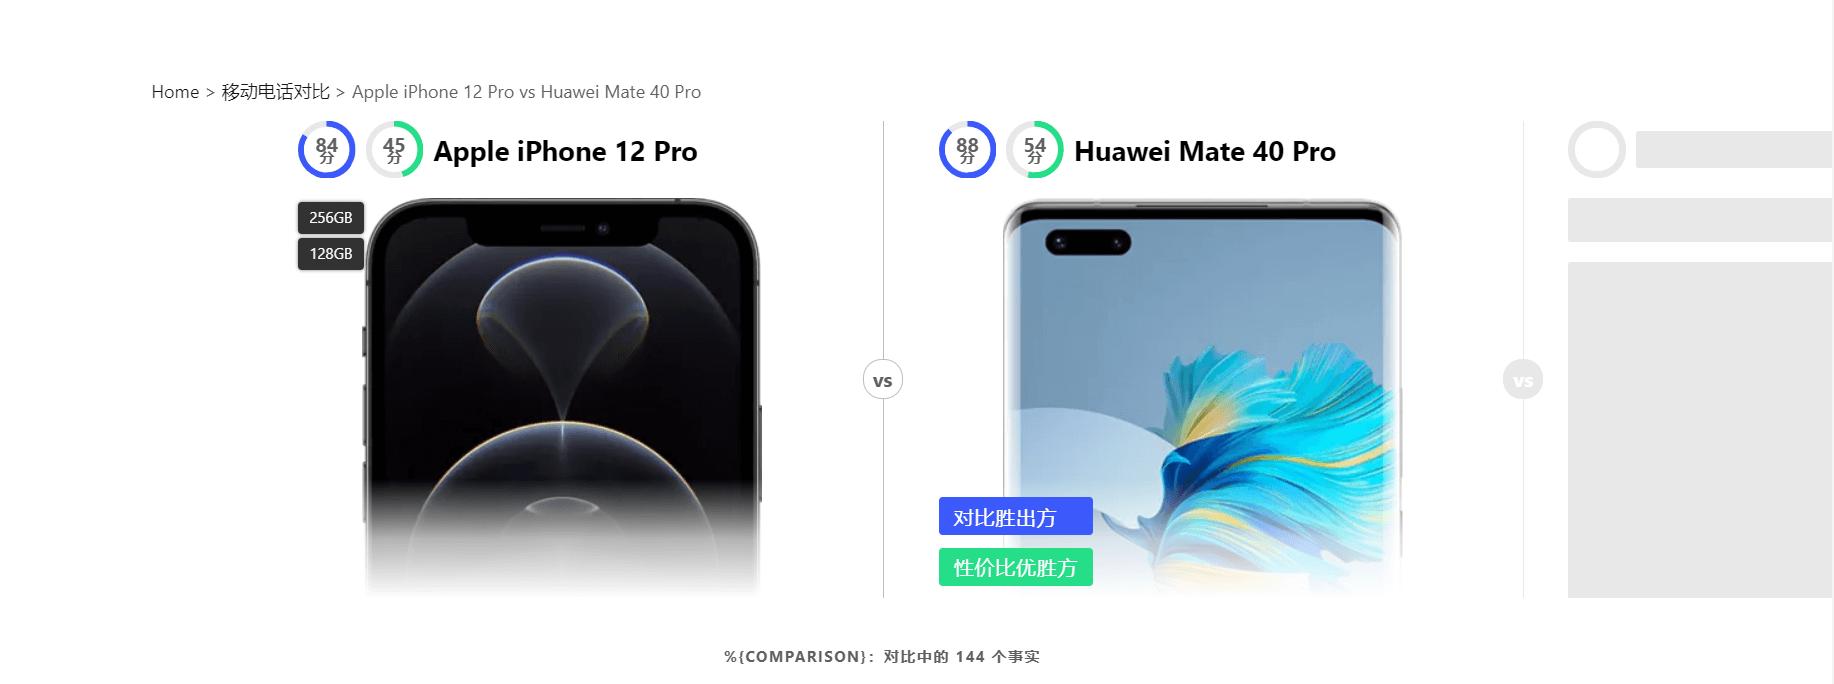 万物皆可对比-手机电脑显卡等商品对比网站